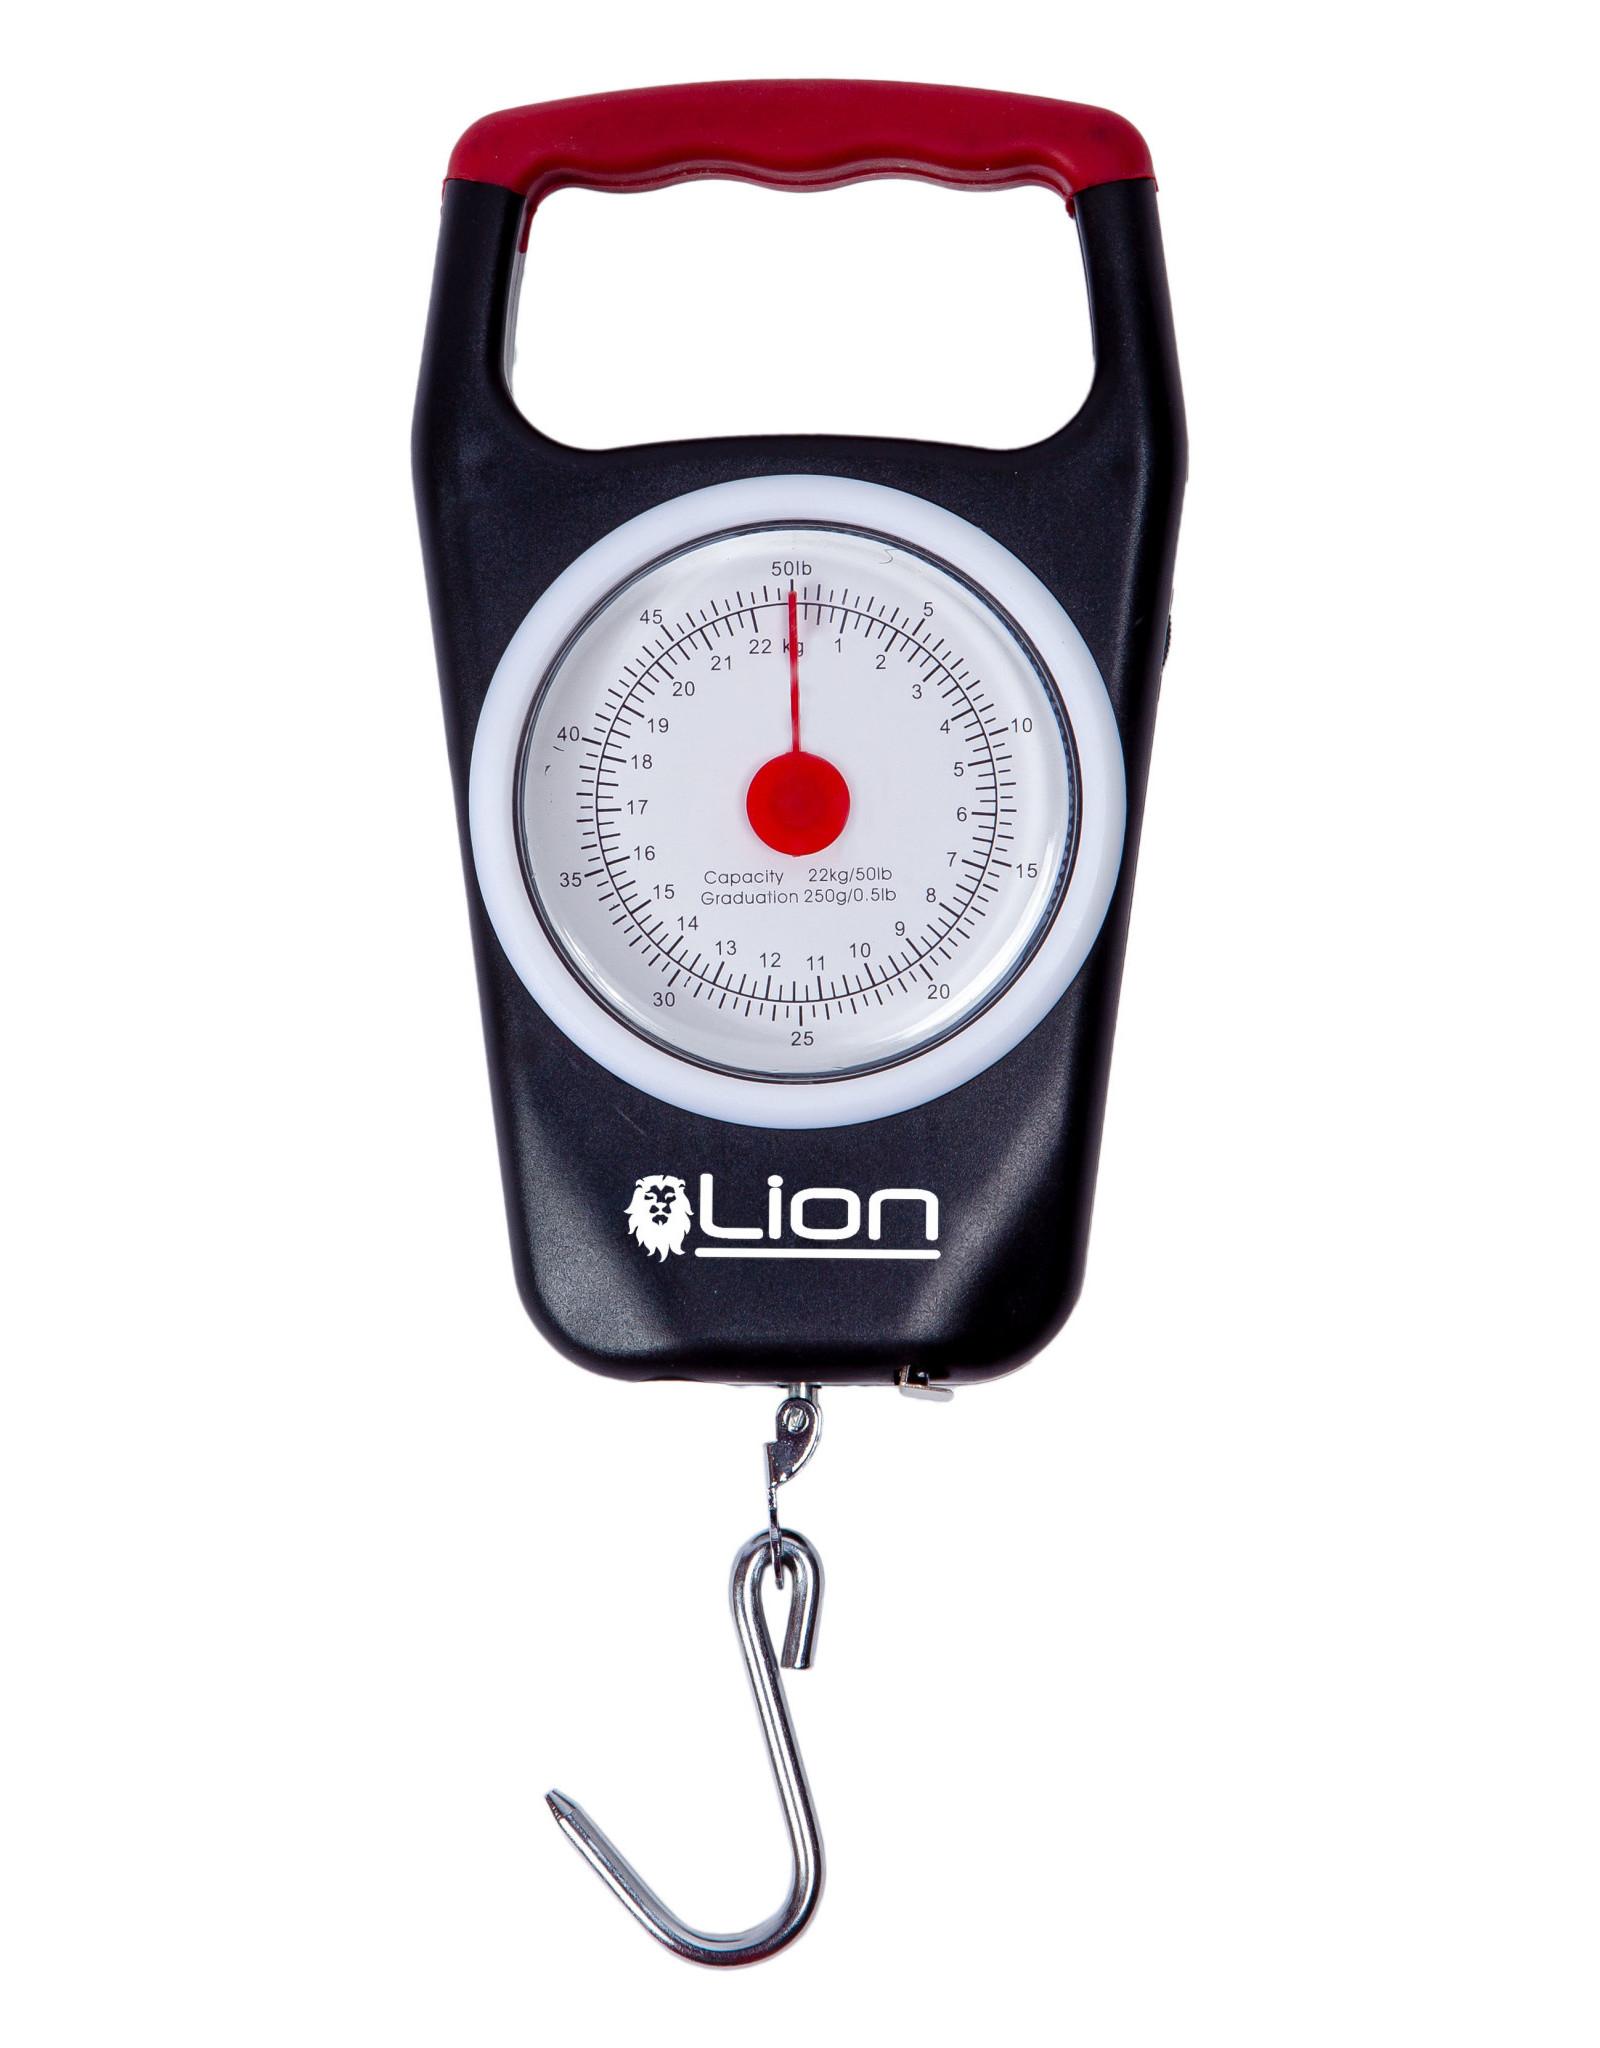 LION Scale Winner 25 kg